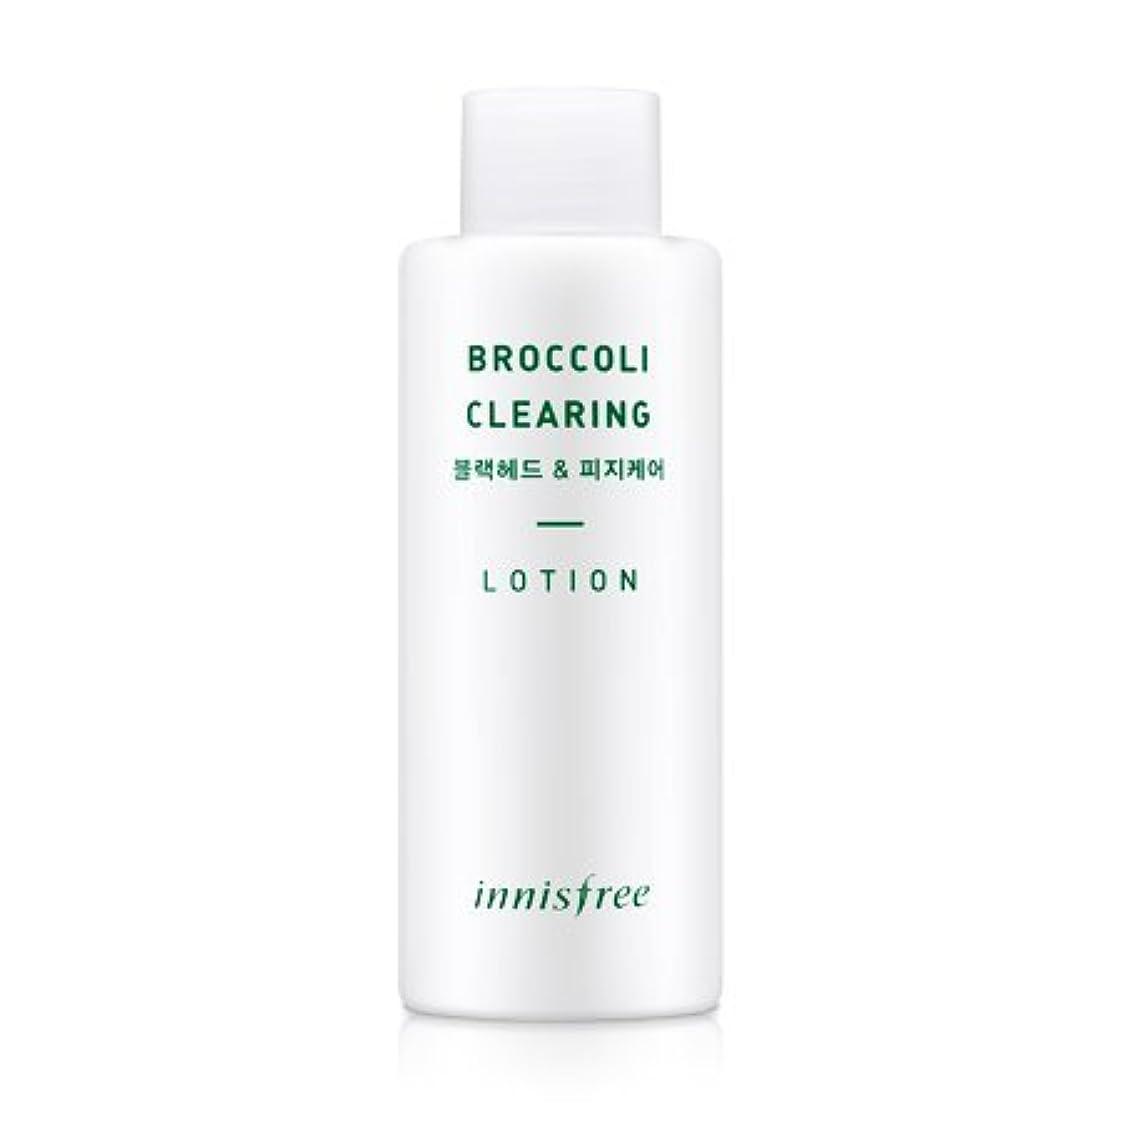 要件腰ジャンクション[innisfree(イニスフリー)] Super food_ Broccoli clearing lotion (130ml) スーパーフード_ブロッコリー クリアリング?ローション[並行輸入品][海外直送品]